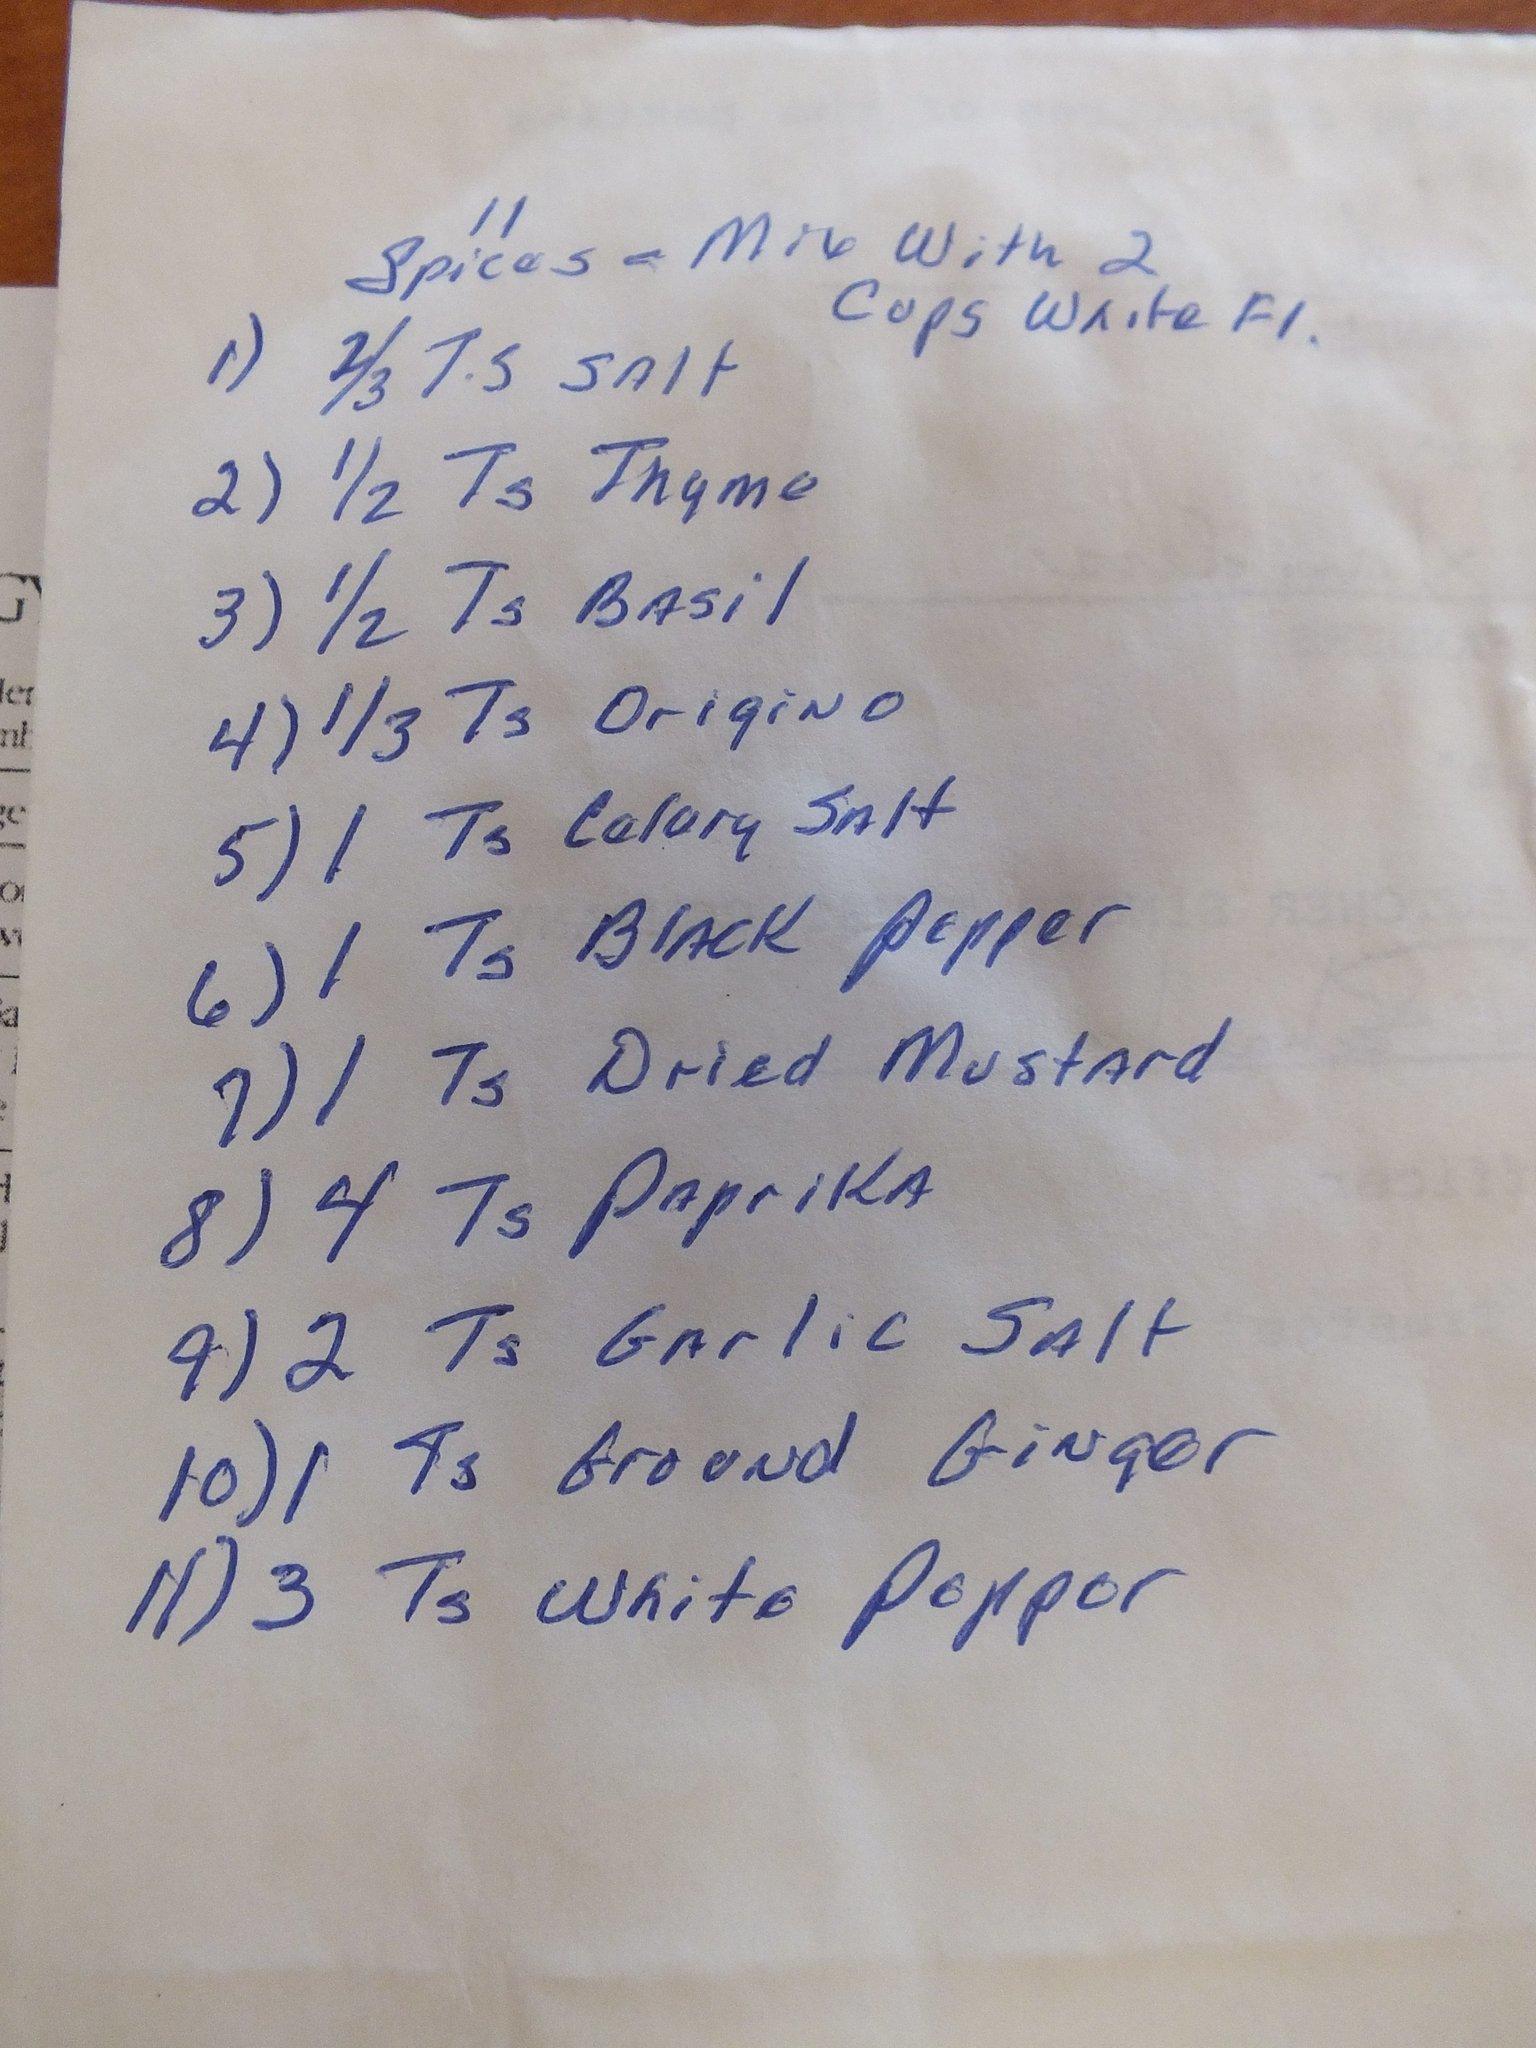 KFC originel recipe